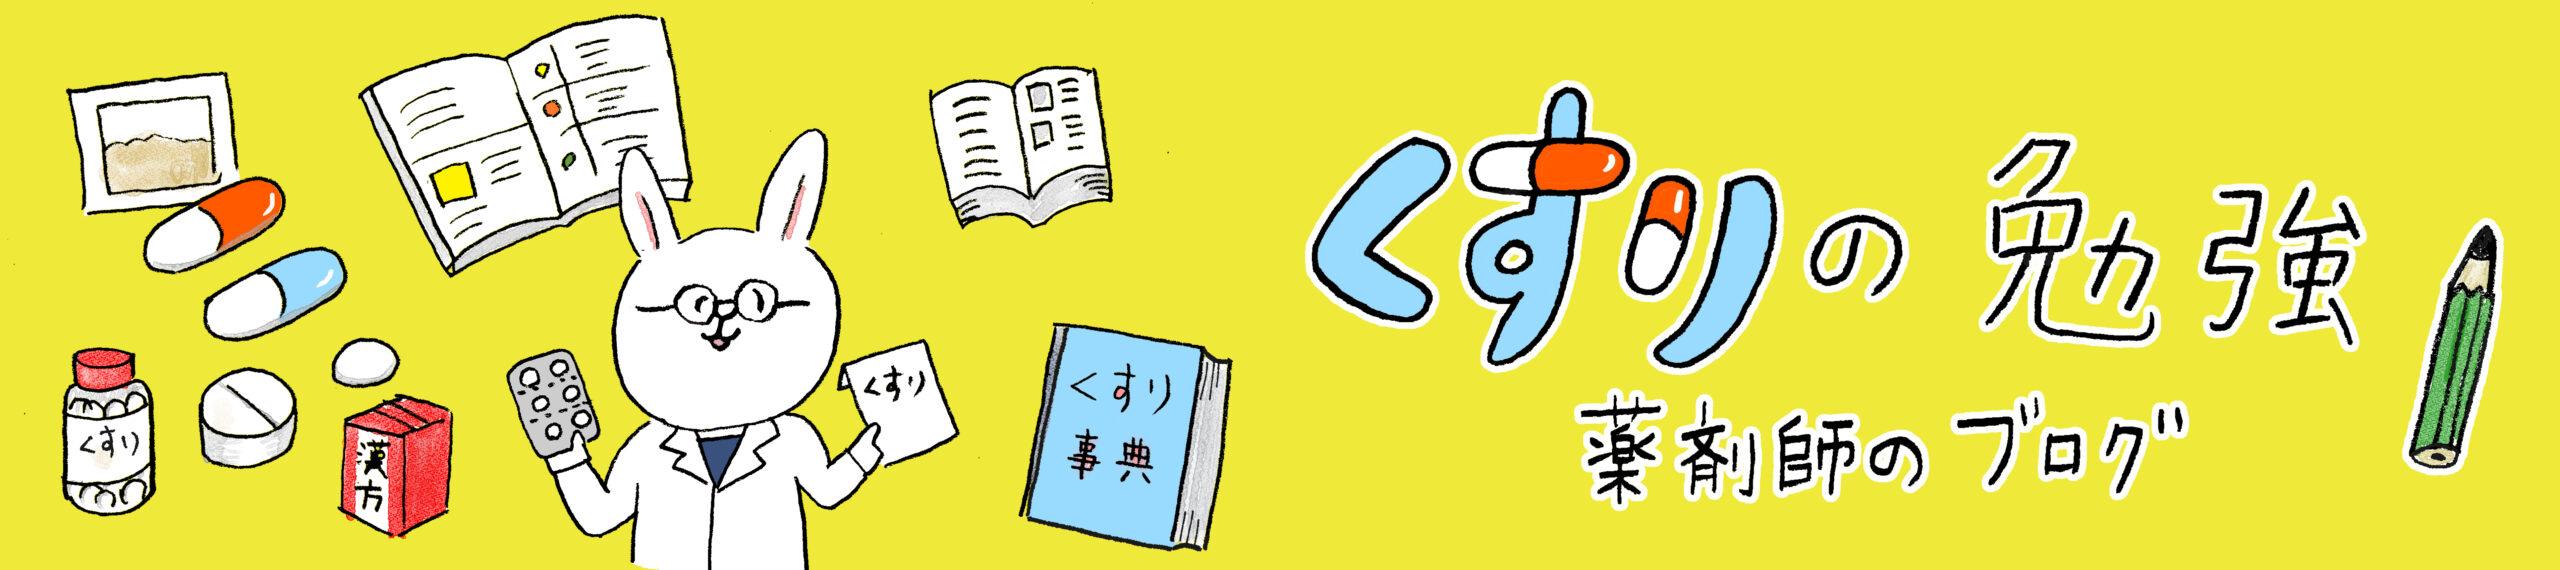 くすりの勉強